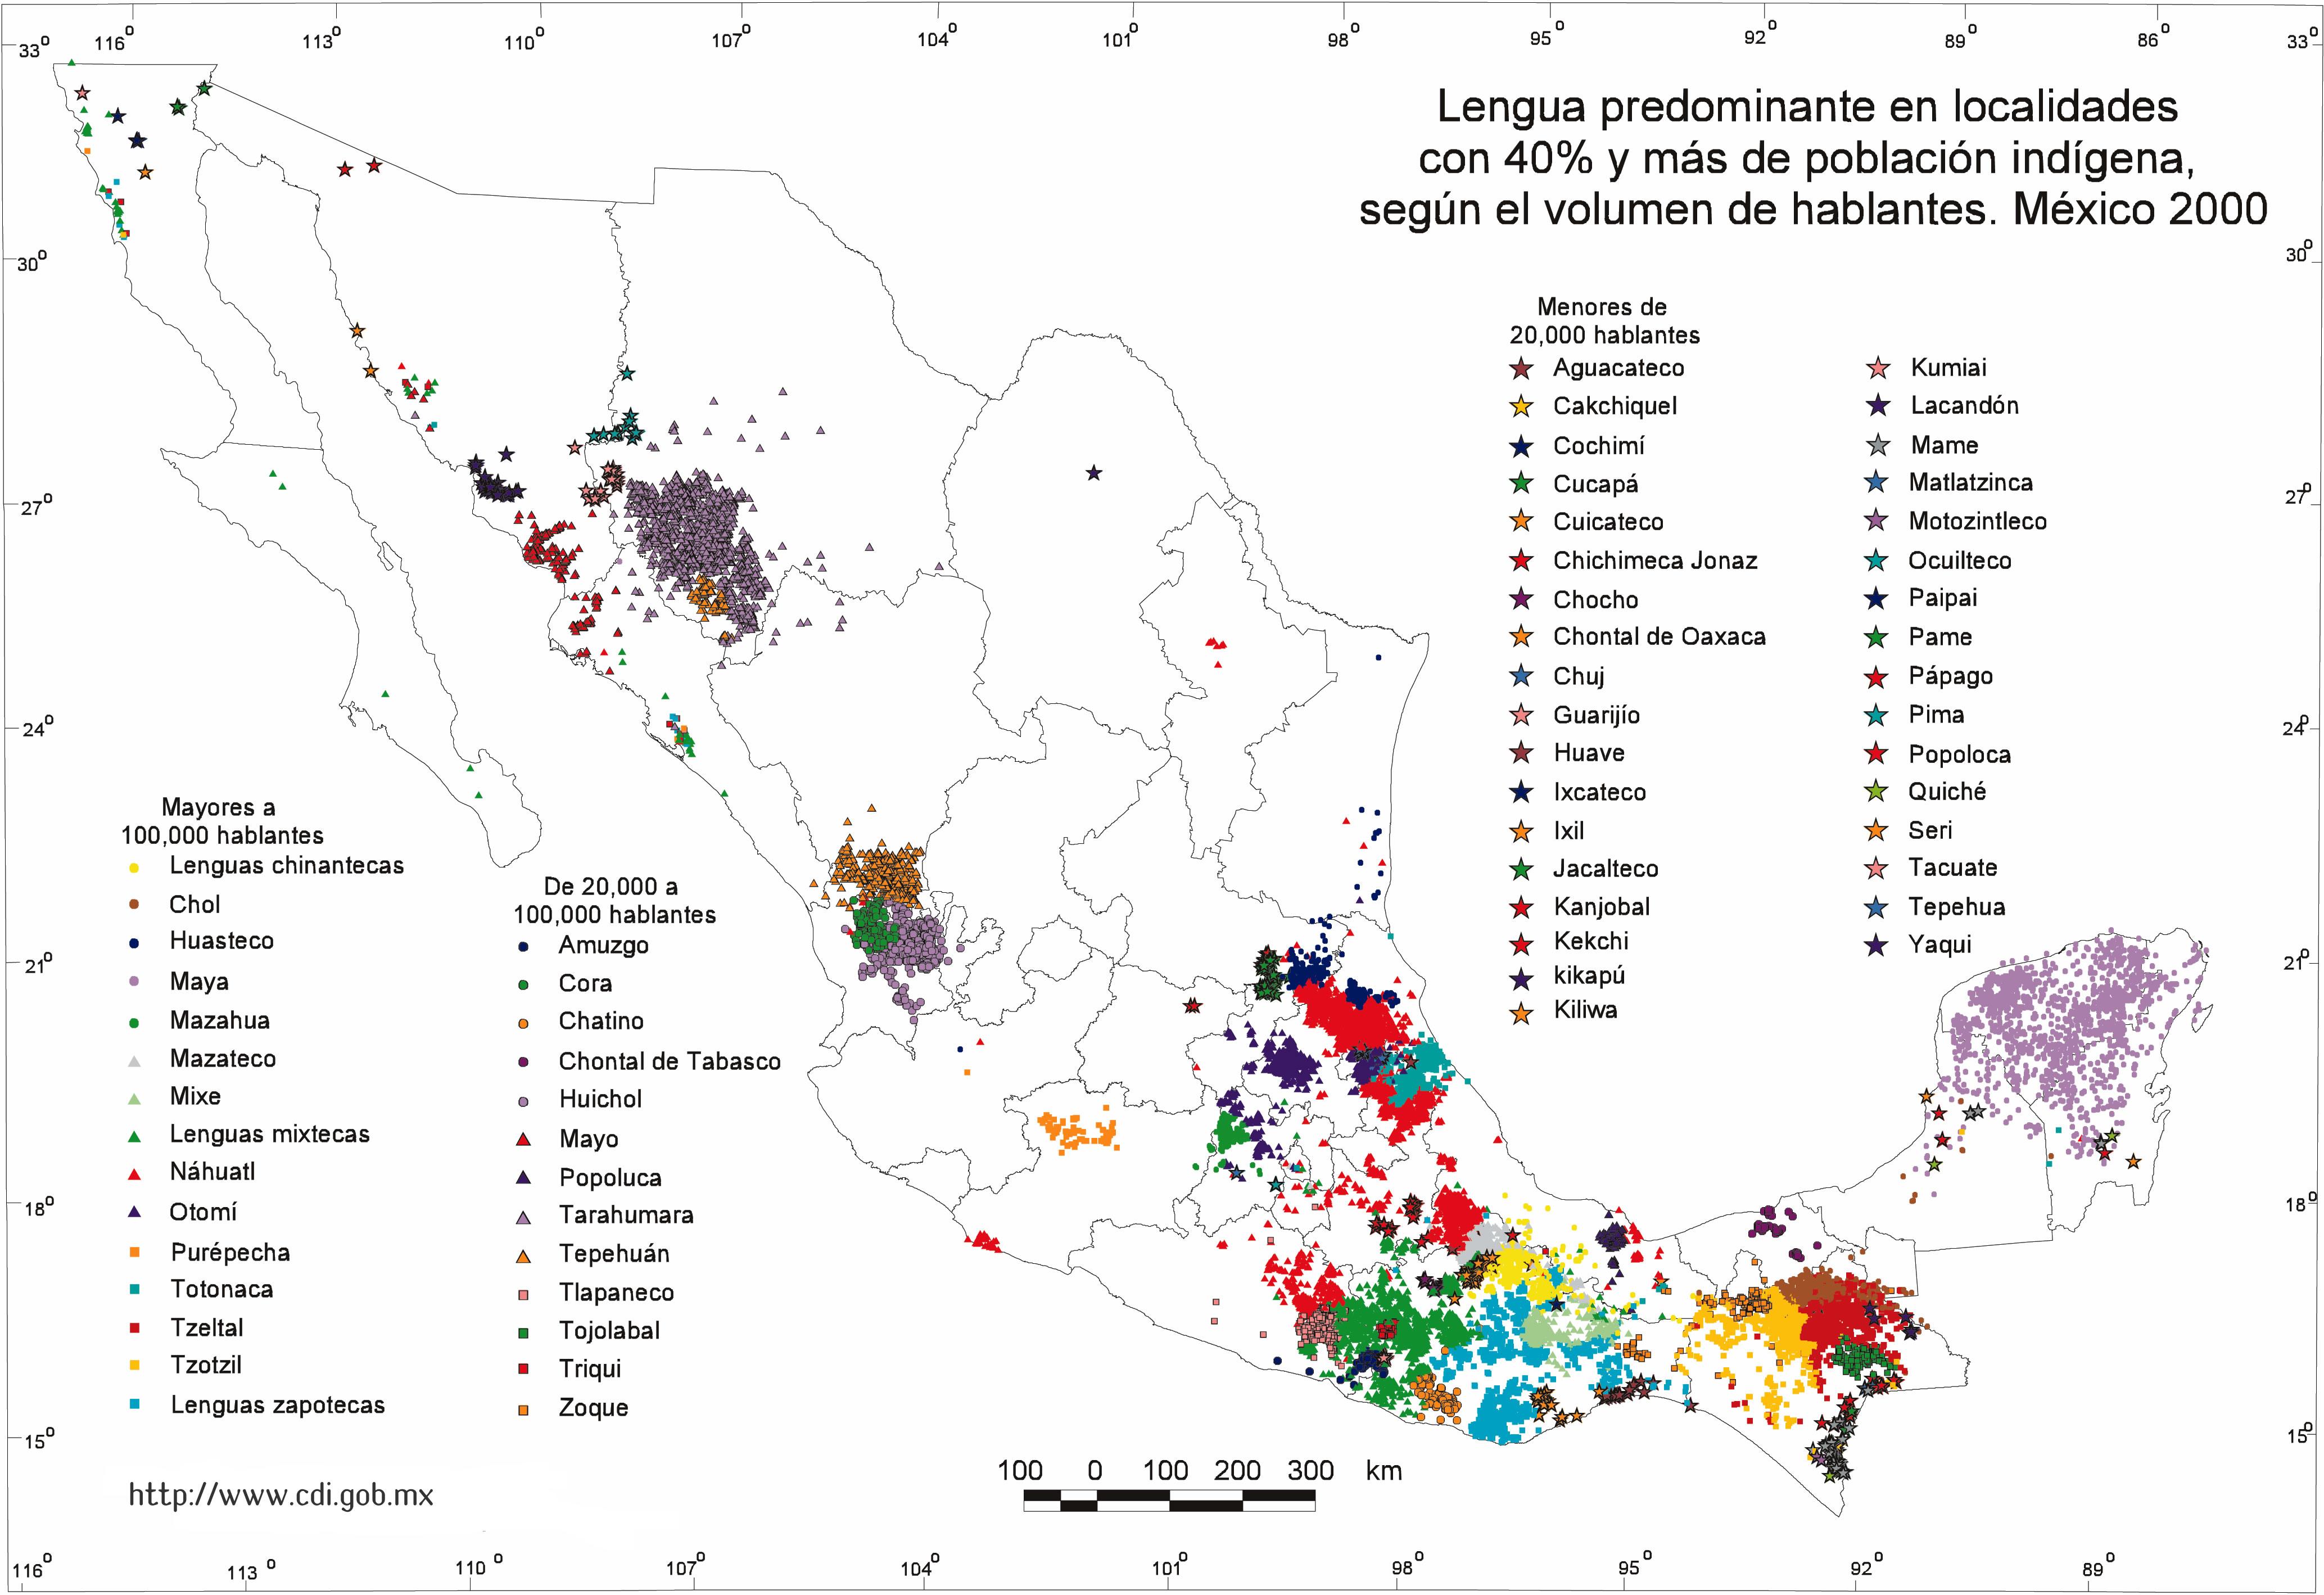 Distribución geográfica de las 68 Lenguas Indígenas de México.